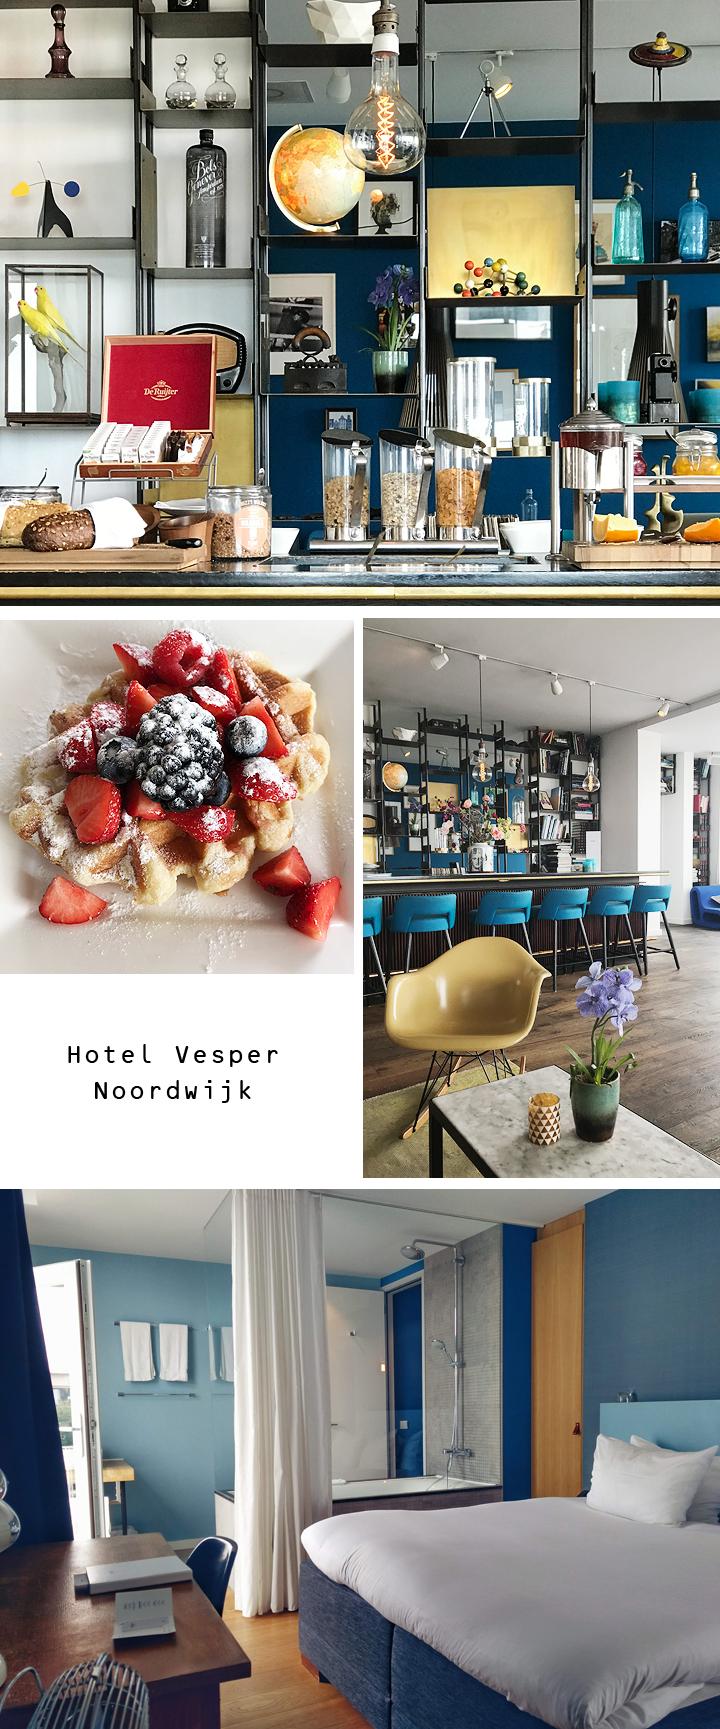 Hotel Vesper Noordwijk